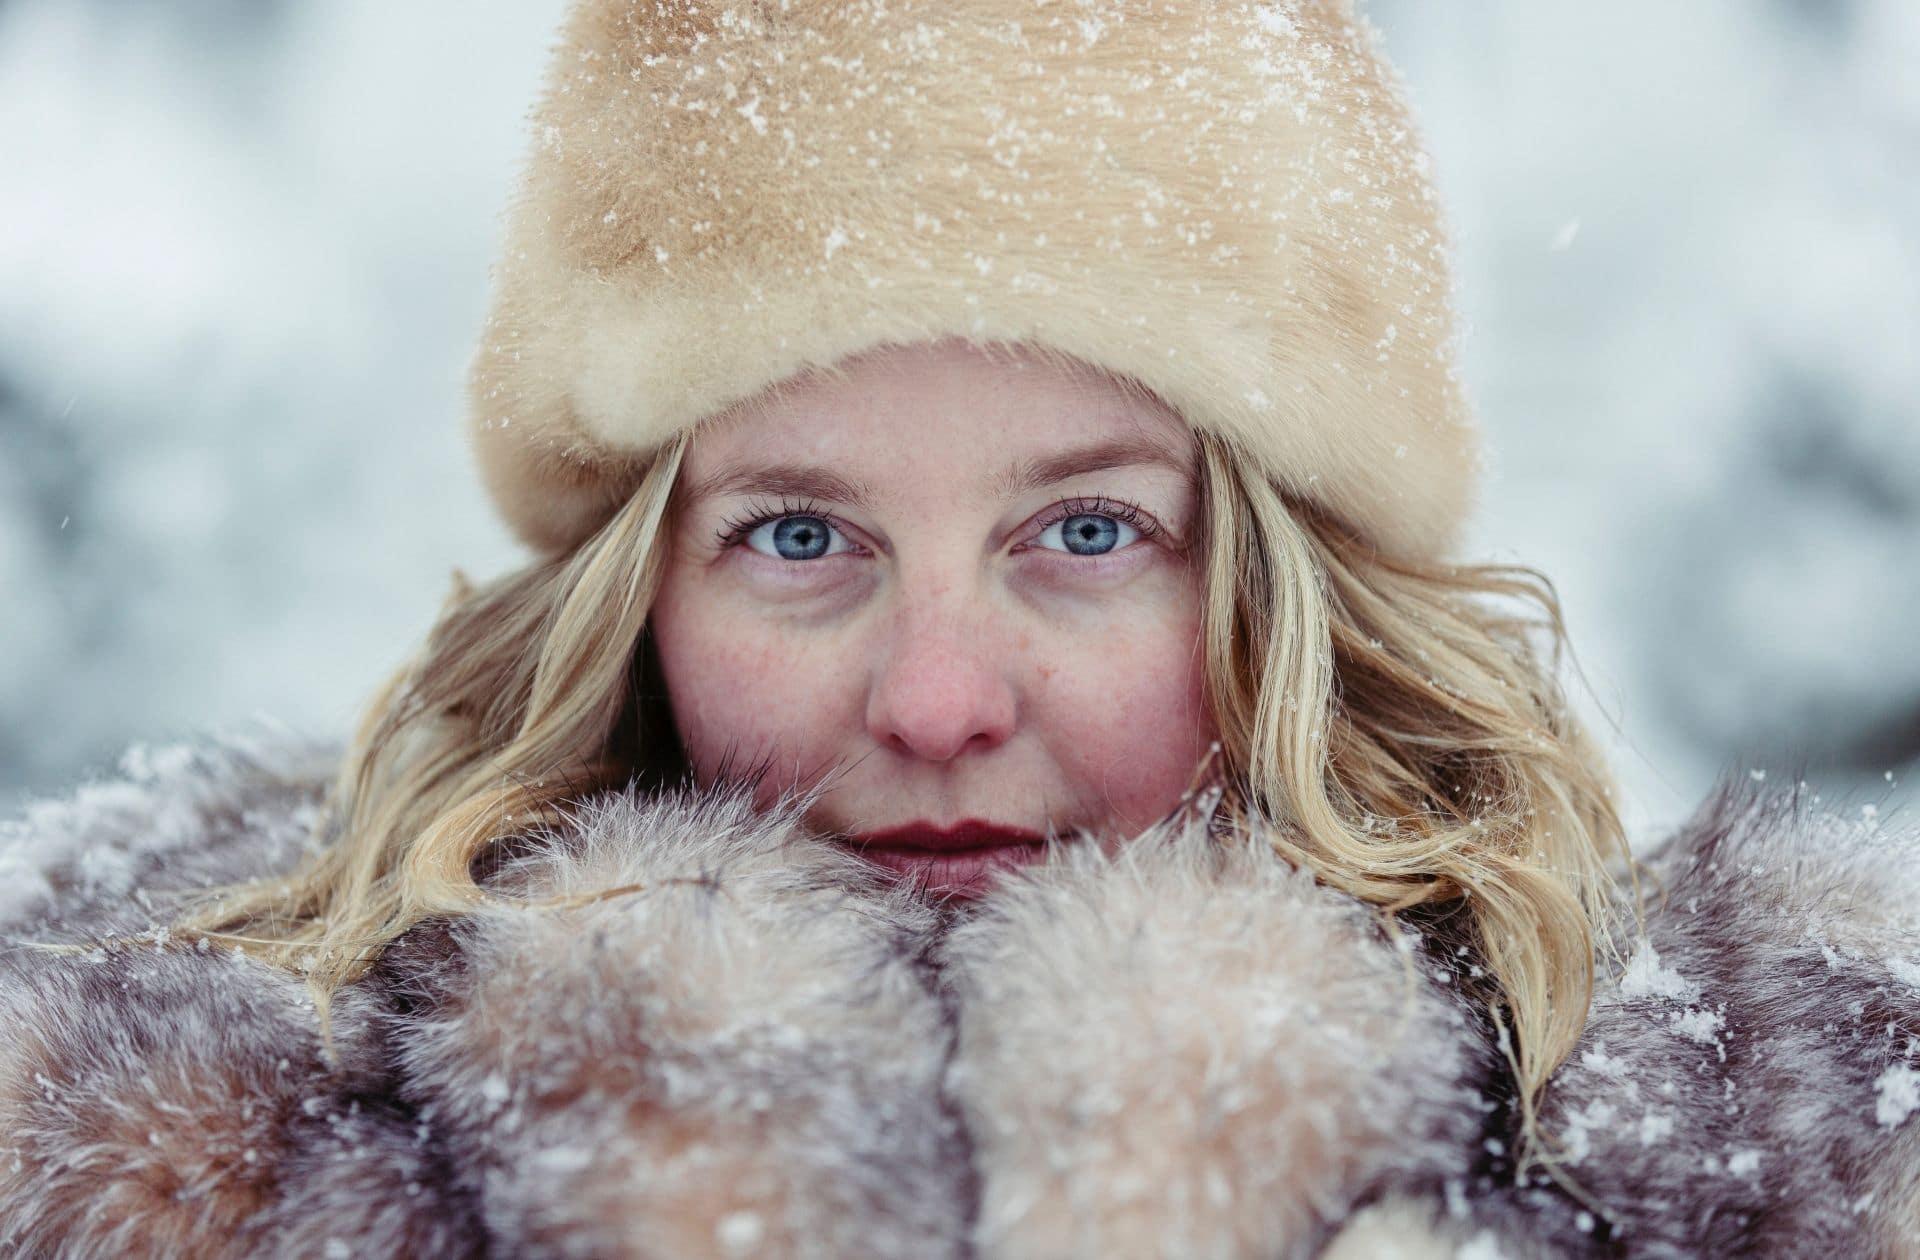 Comment prendre soin de sa peau quand il fait froid